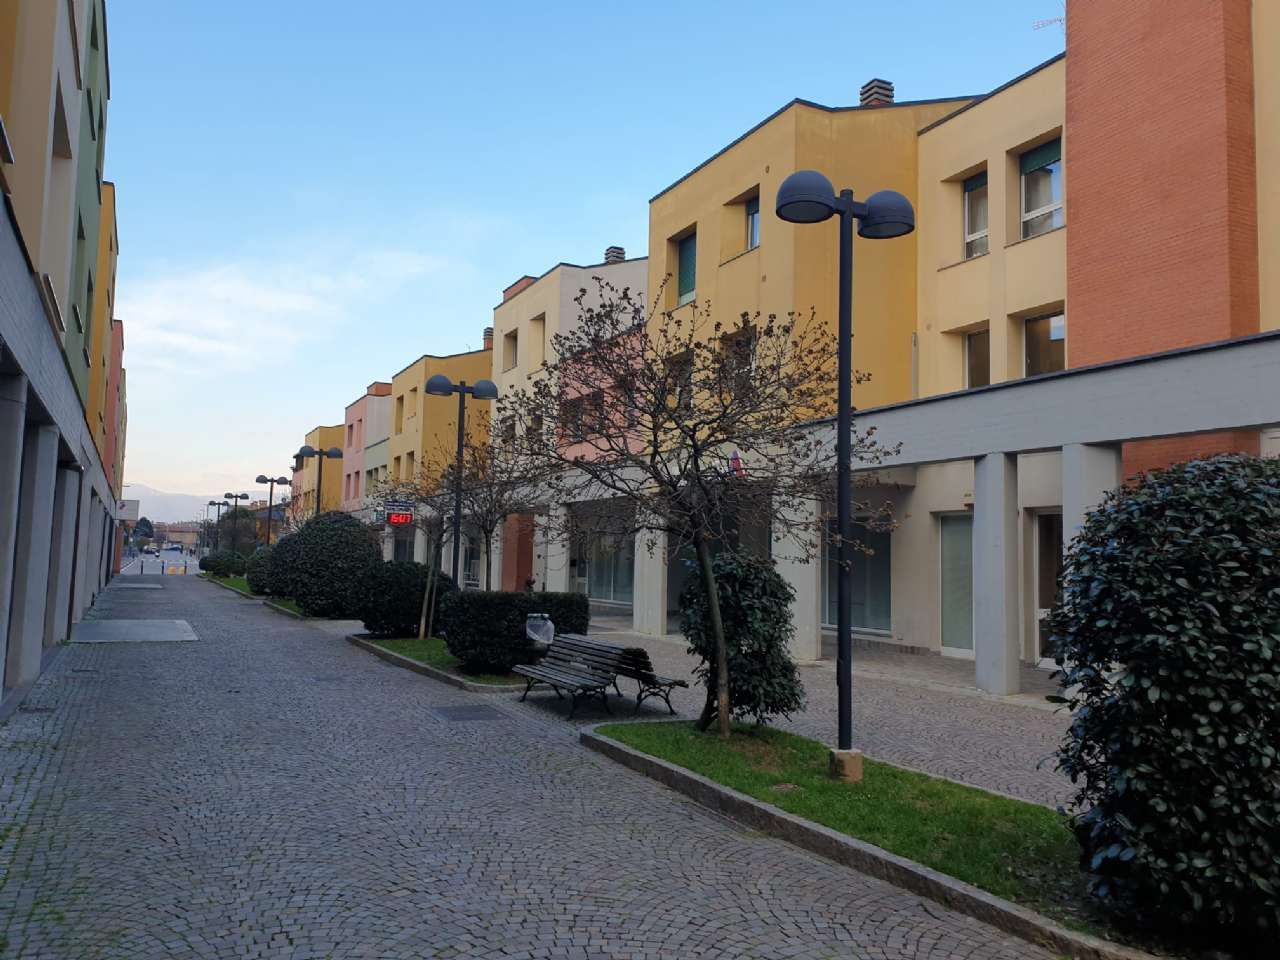 Ufficio / Studio in vendita a Grassobbio, 6 locali, prezzo € 130.000 | PortaleAgenzieImmobiliari.it